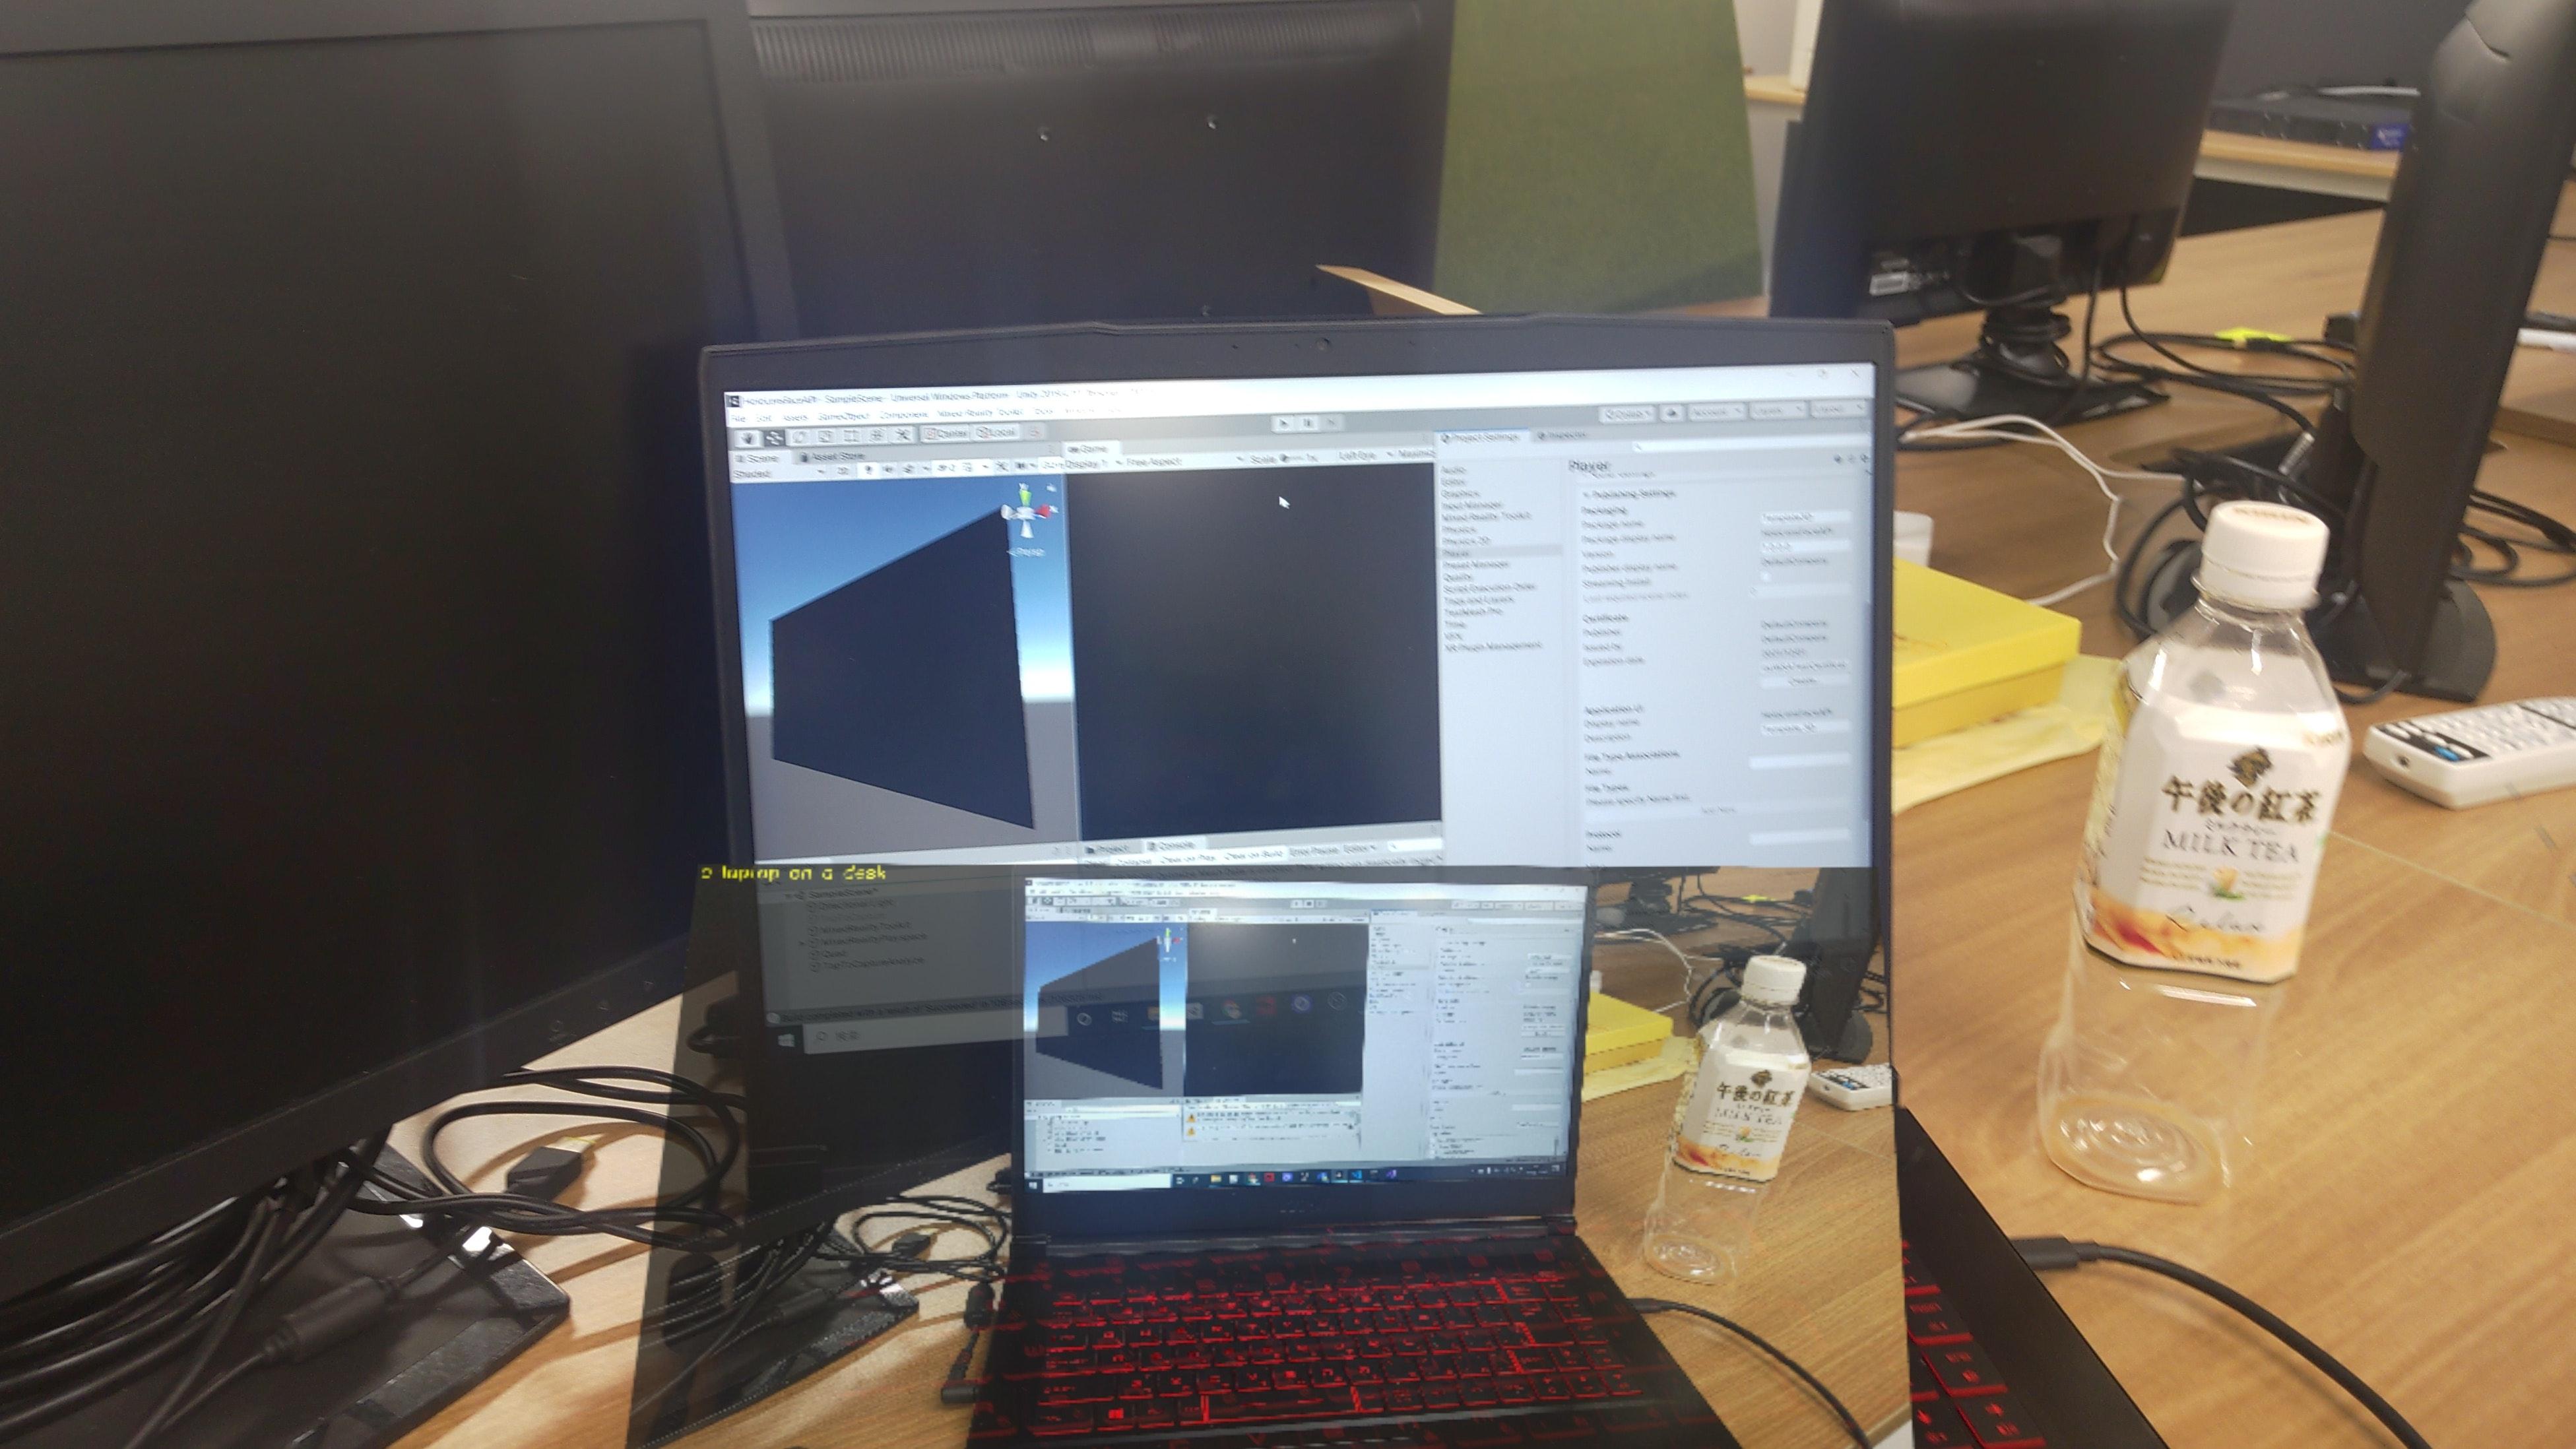 20201205_184245_HoloLens.jpg